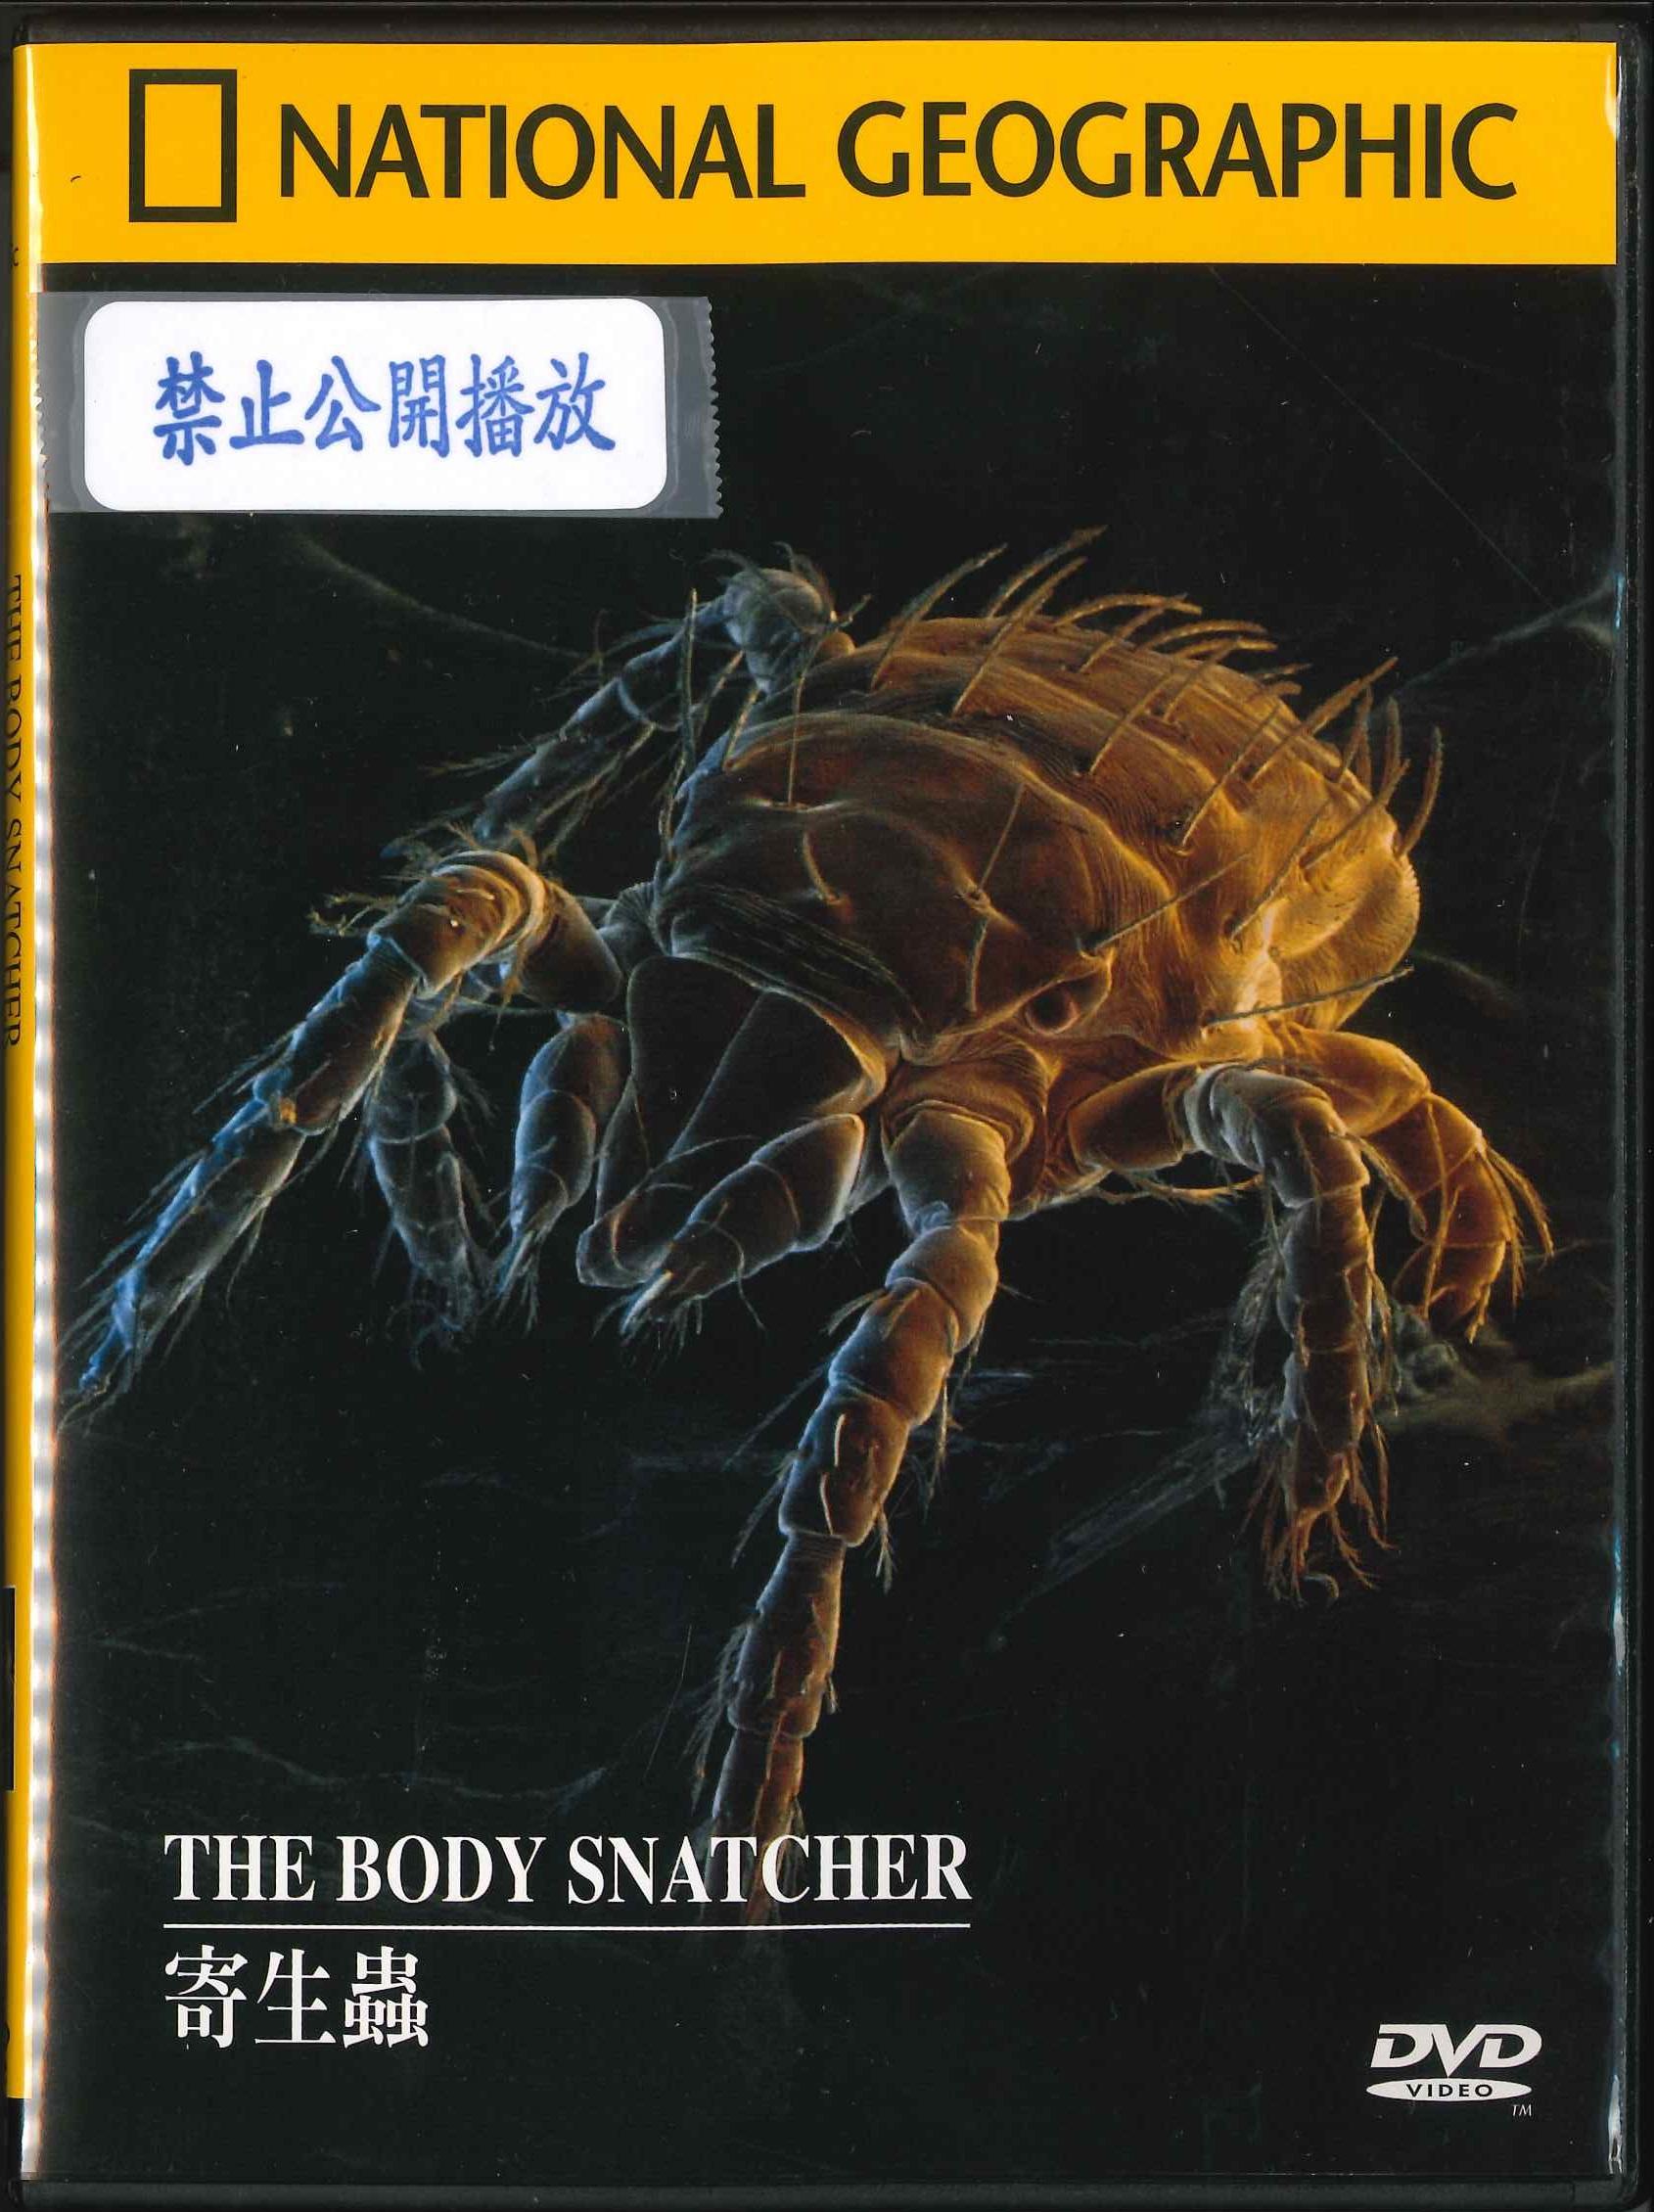 寄生蟲 [錄影資料]=The body snatcher